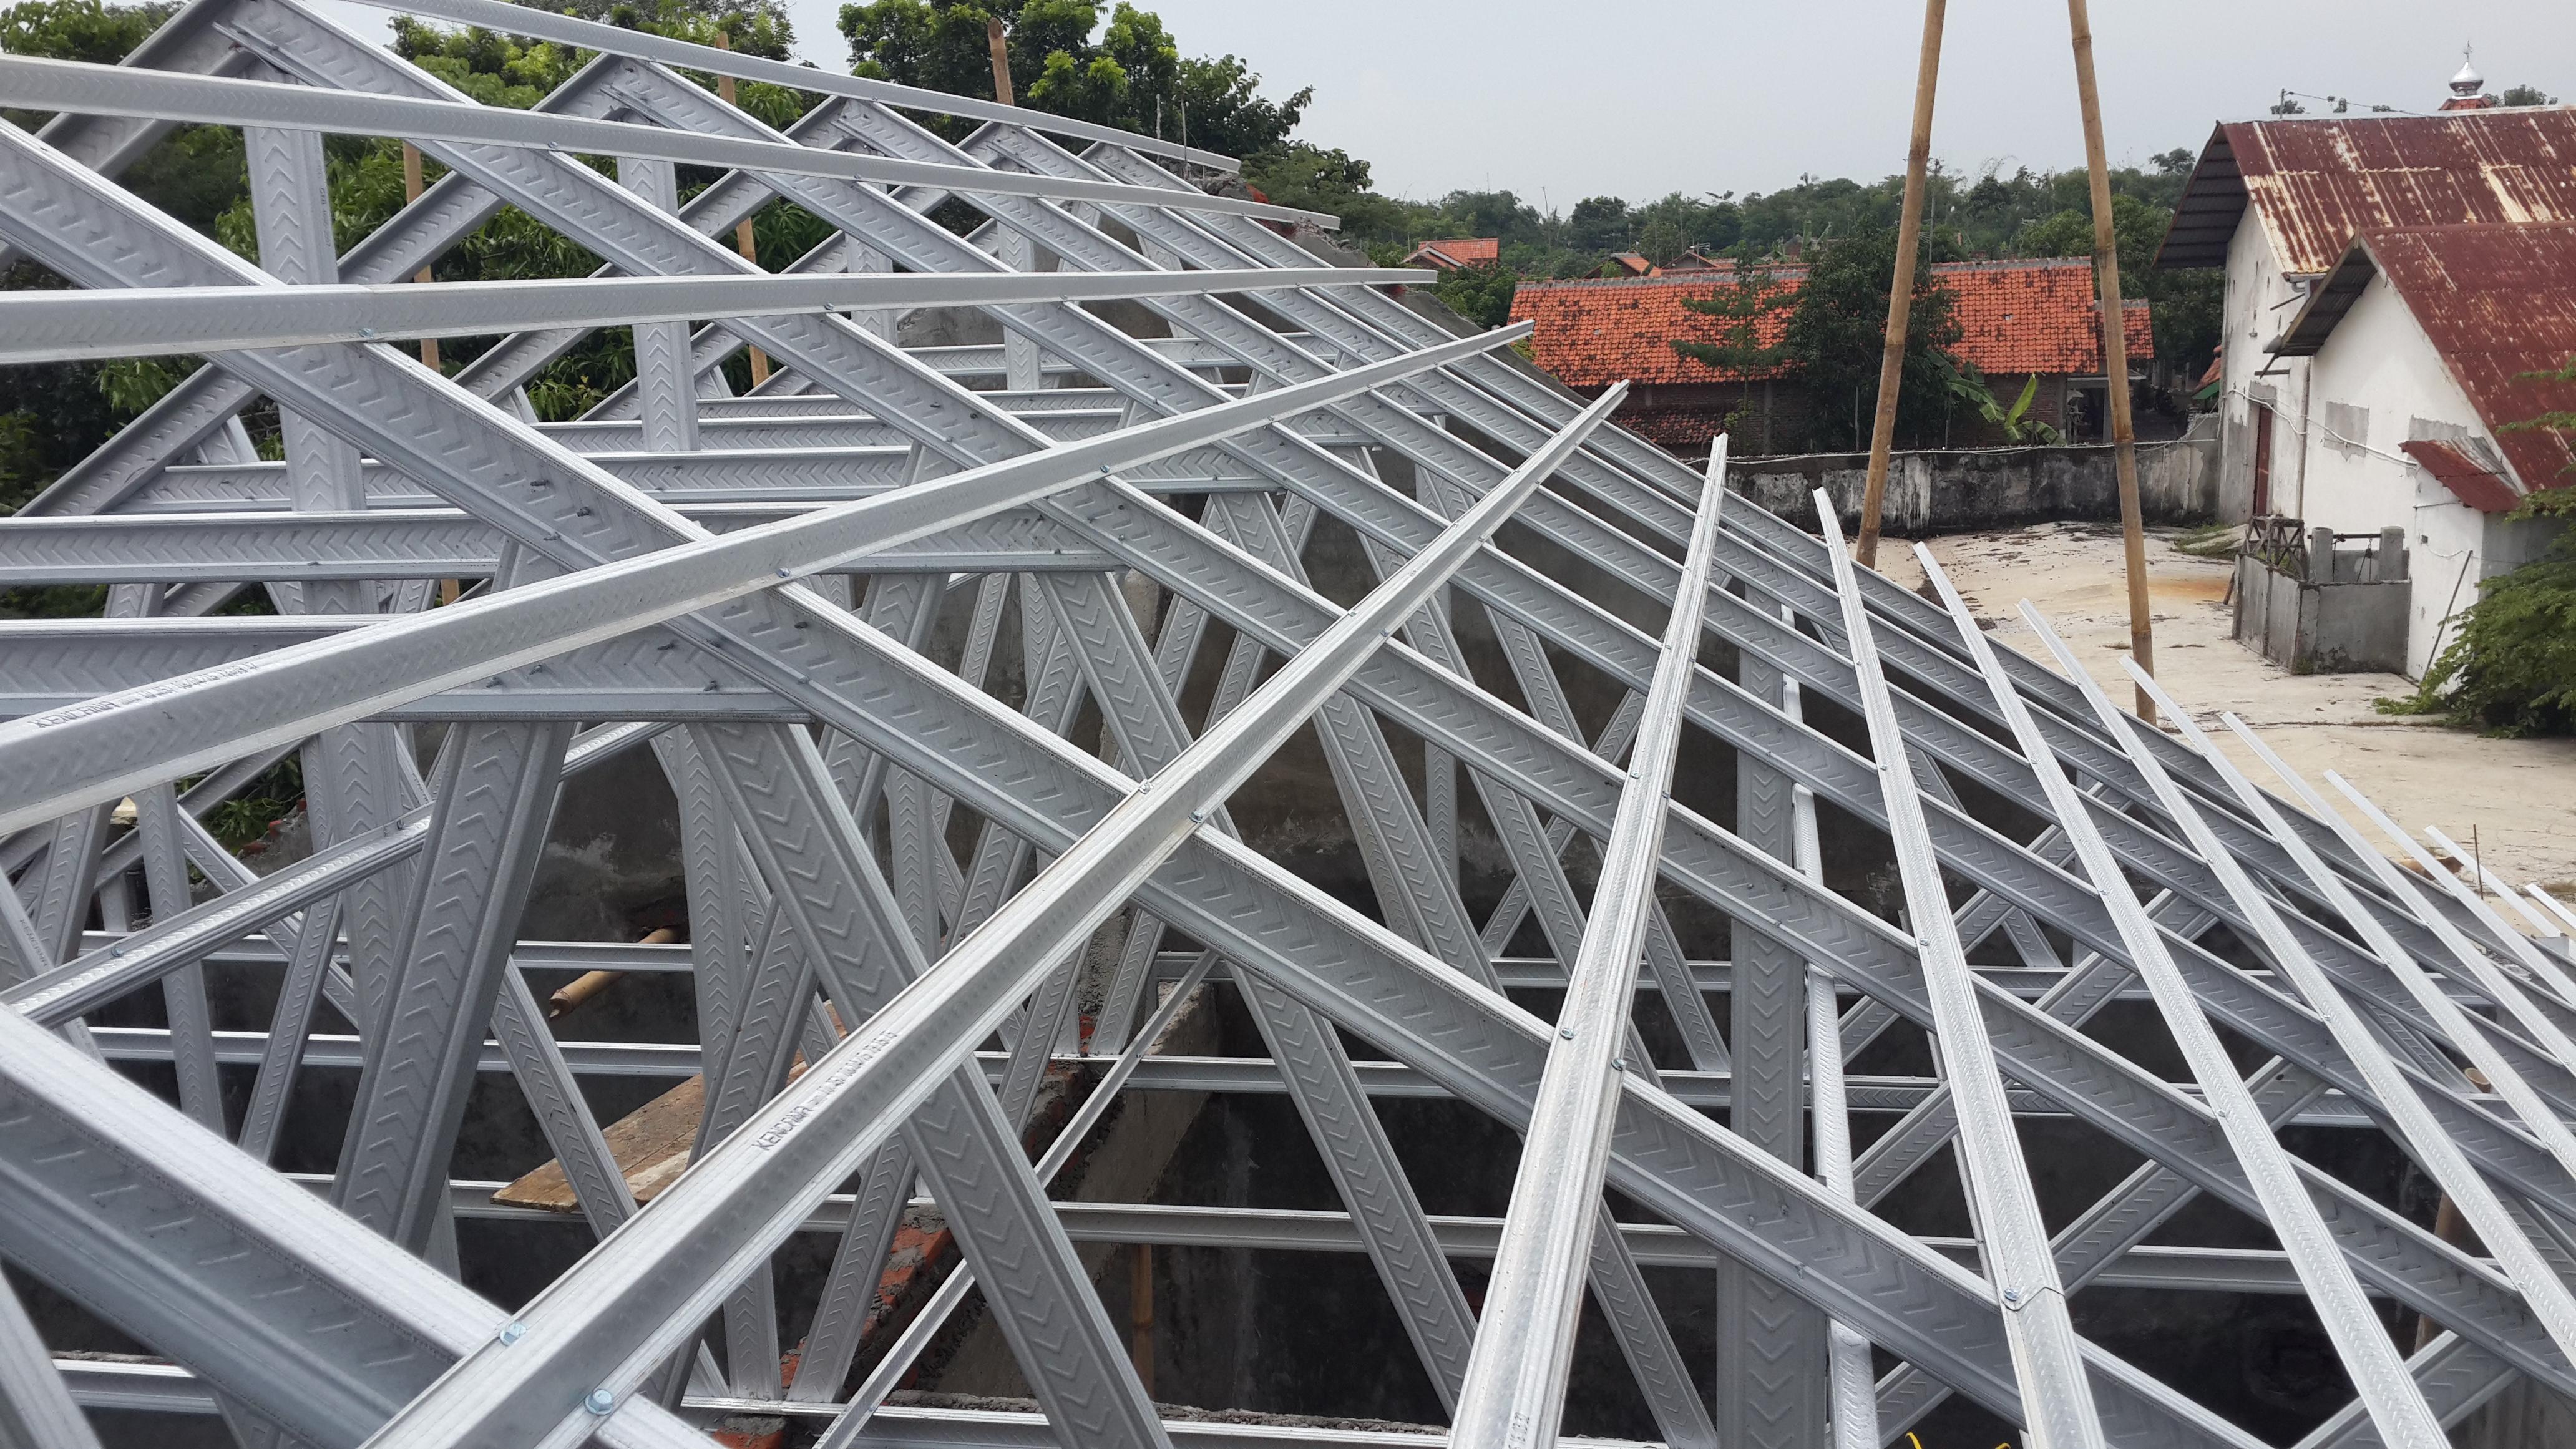 rangka baja ringan untuk atap asbes toko utama pekalongan pusat penjualan